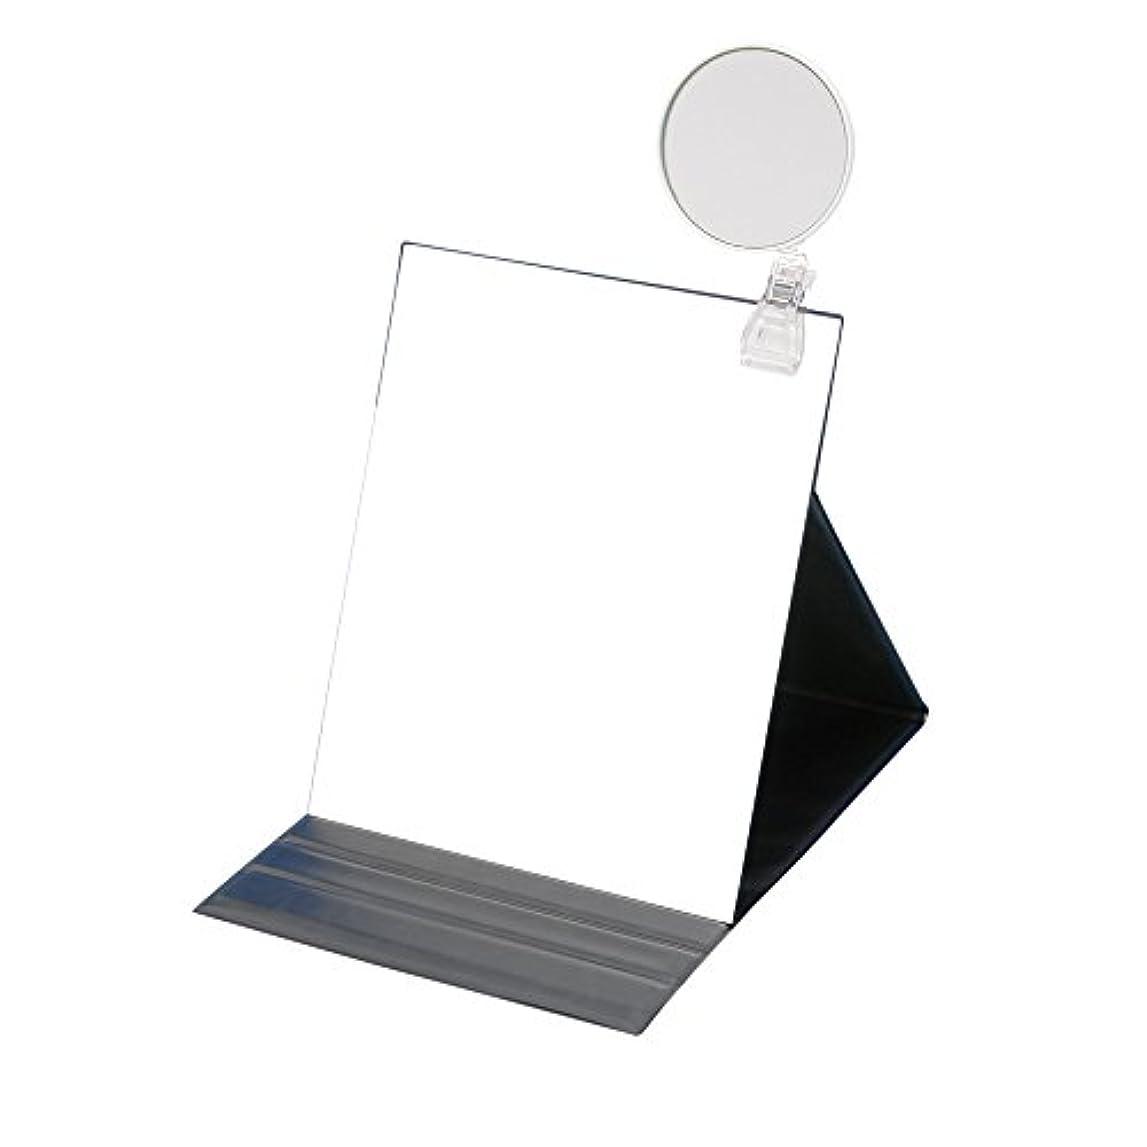 放映シェアくさびナピュアミラー 3倍拡大鏡付きプロモデル折立ナピュアミラー3L ブラック HP-53×3